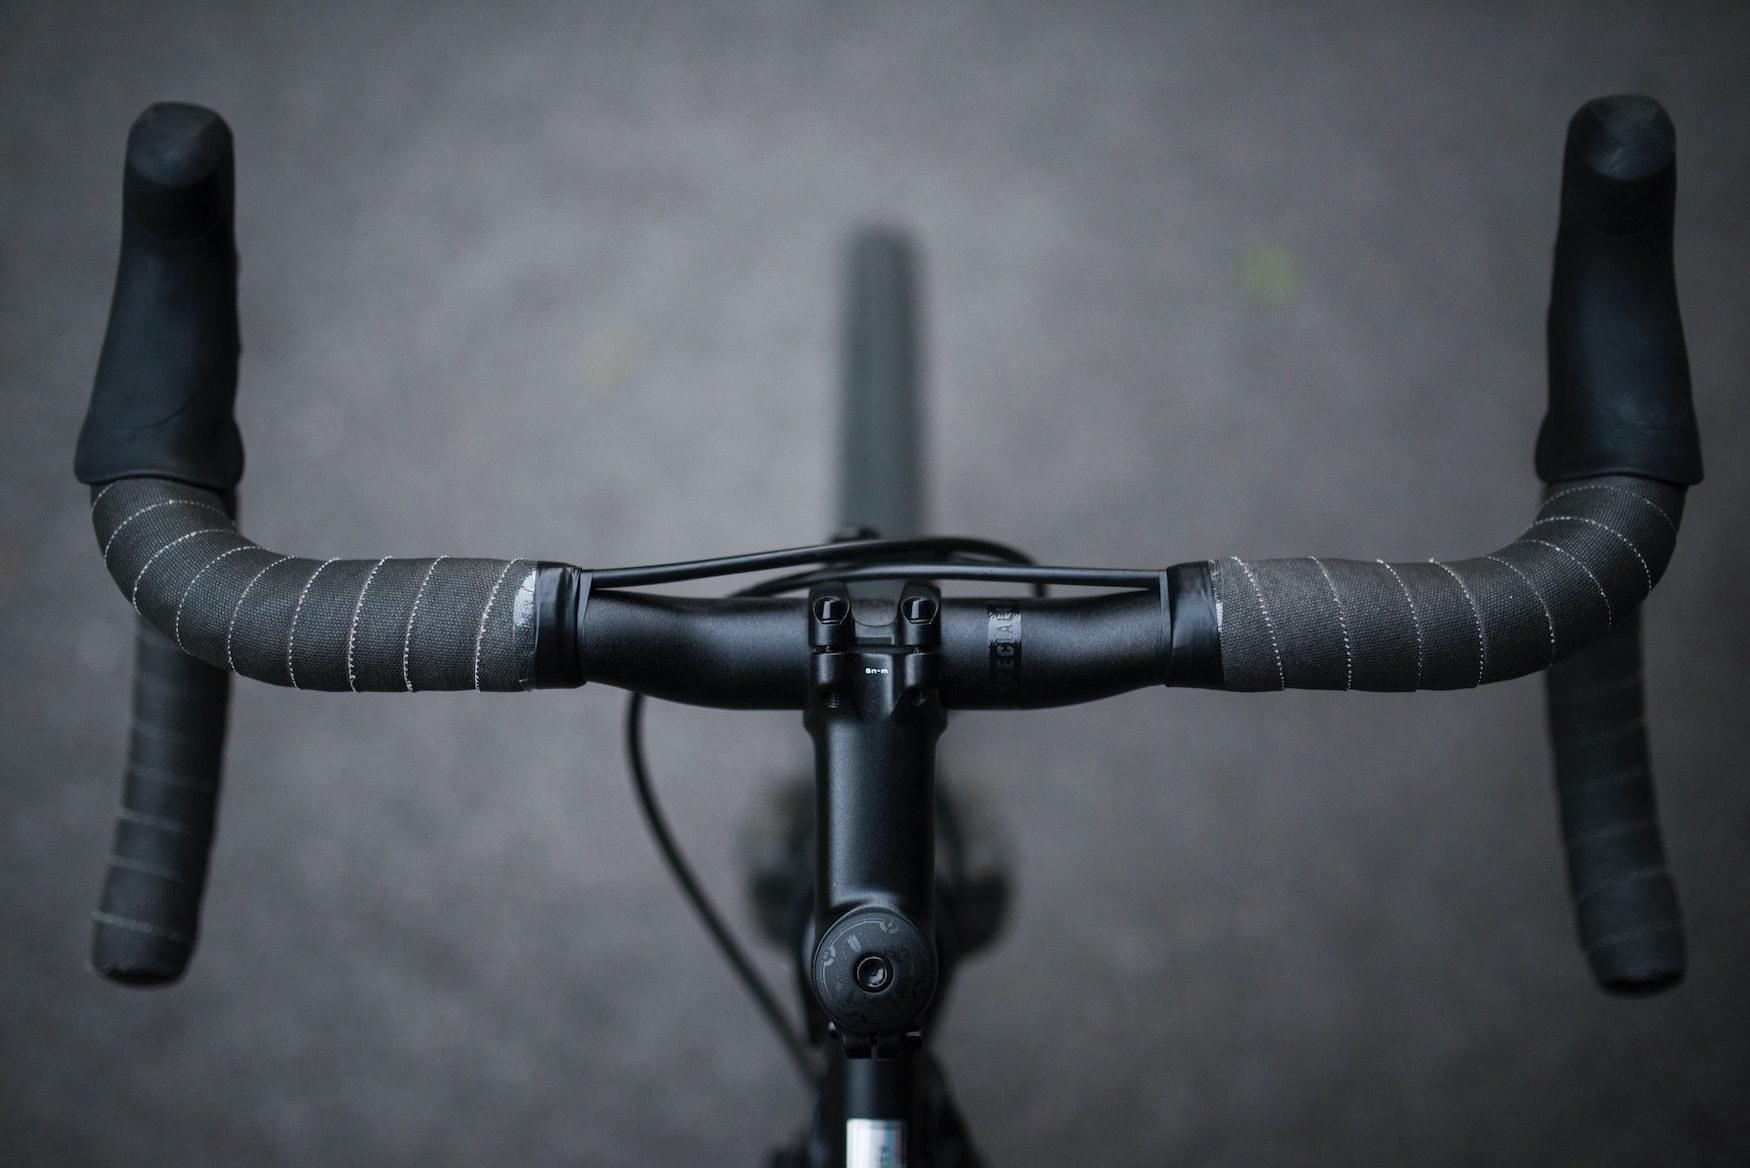 Fahrradlenker von oben